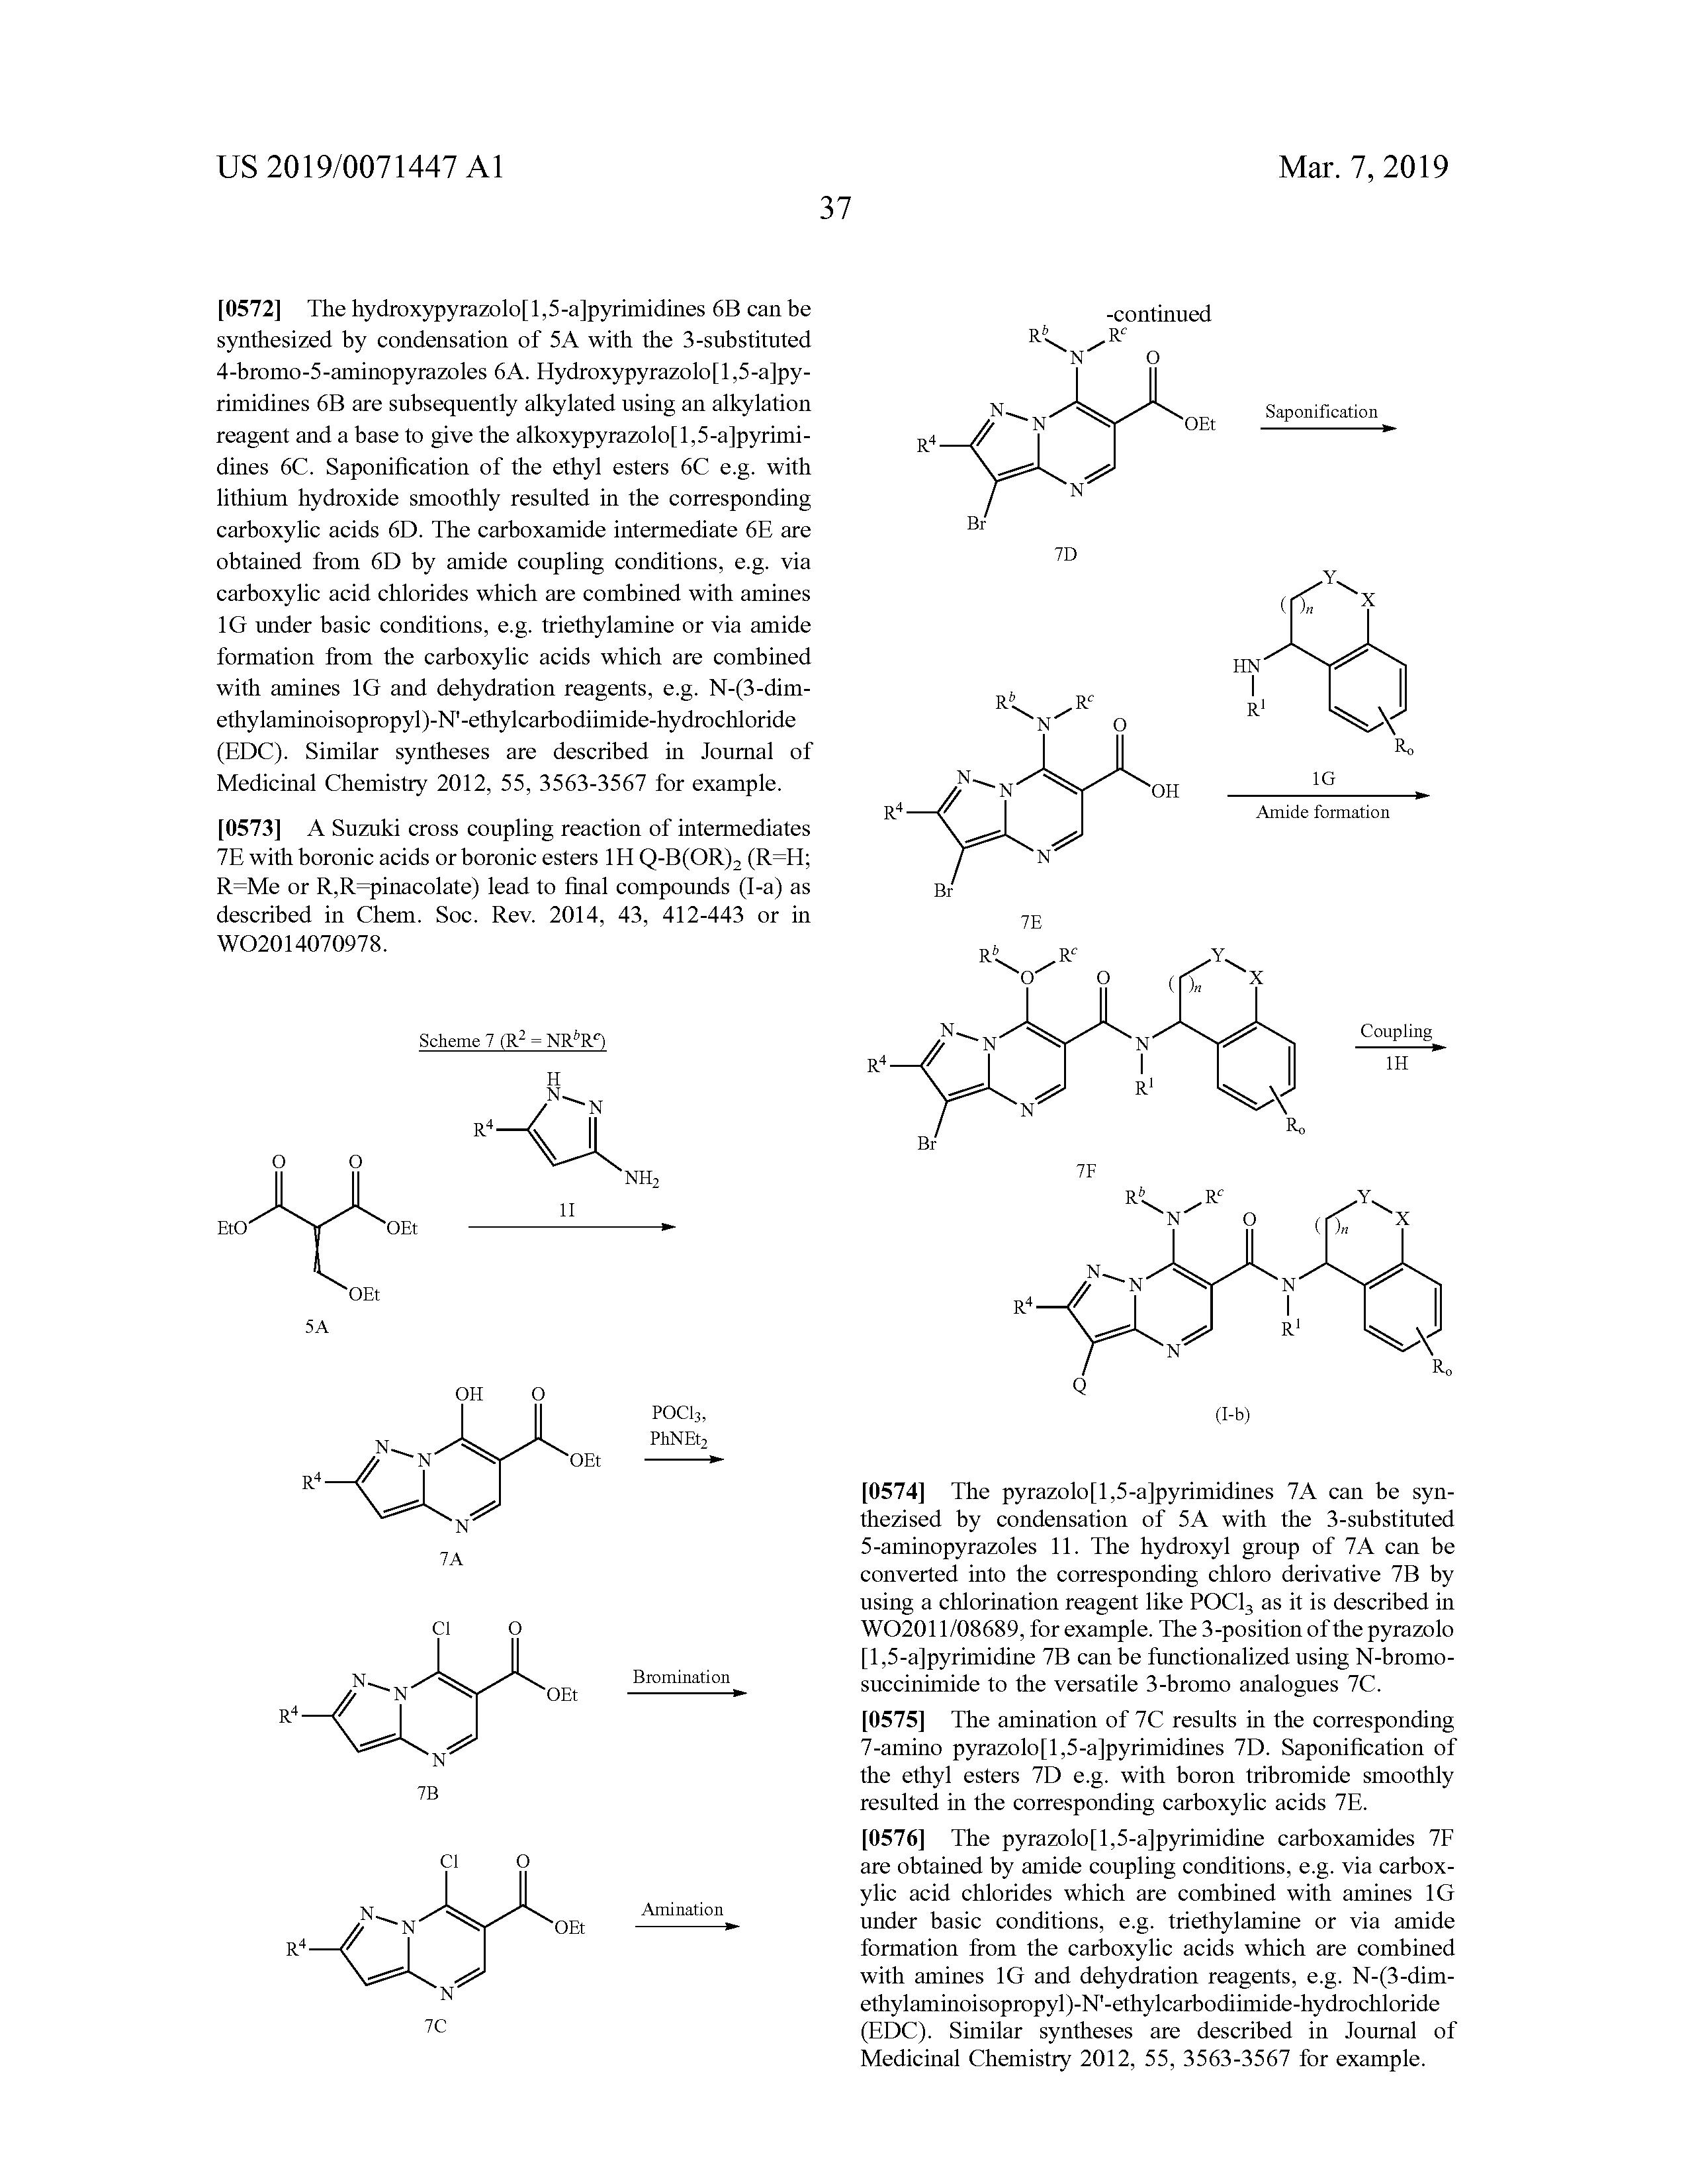 UY 37201 A - Nuevos Derivados De Pirazolopirimidina - The